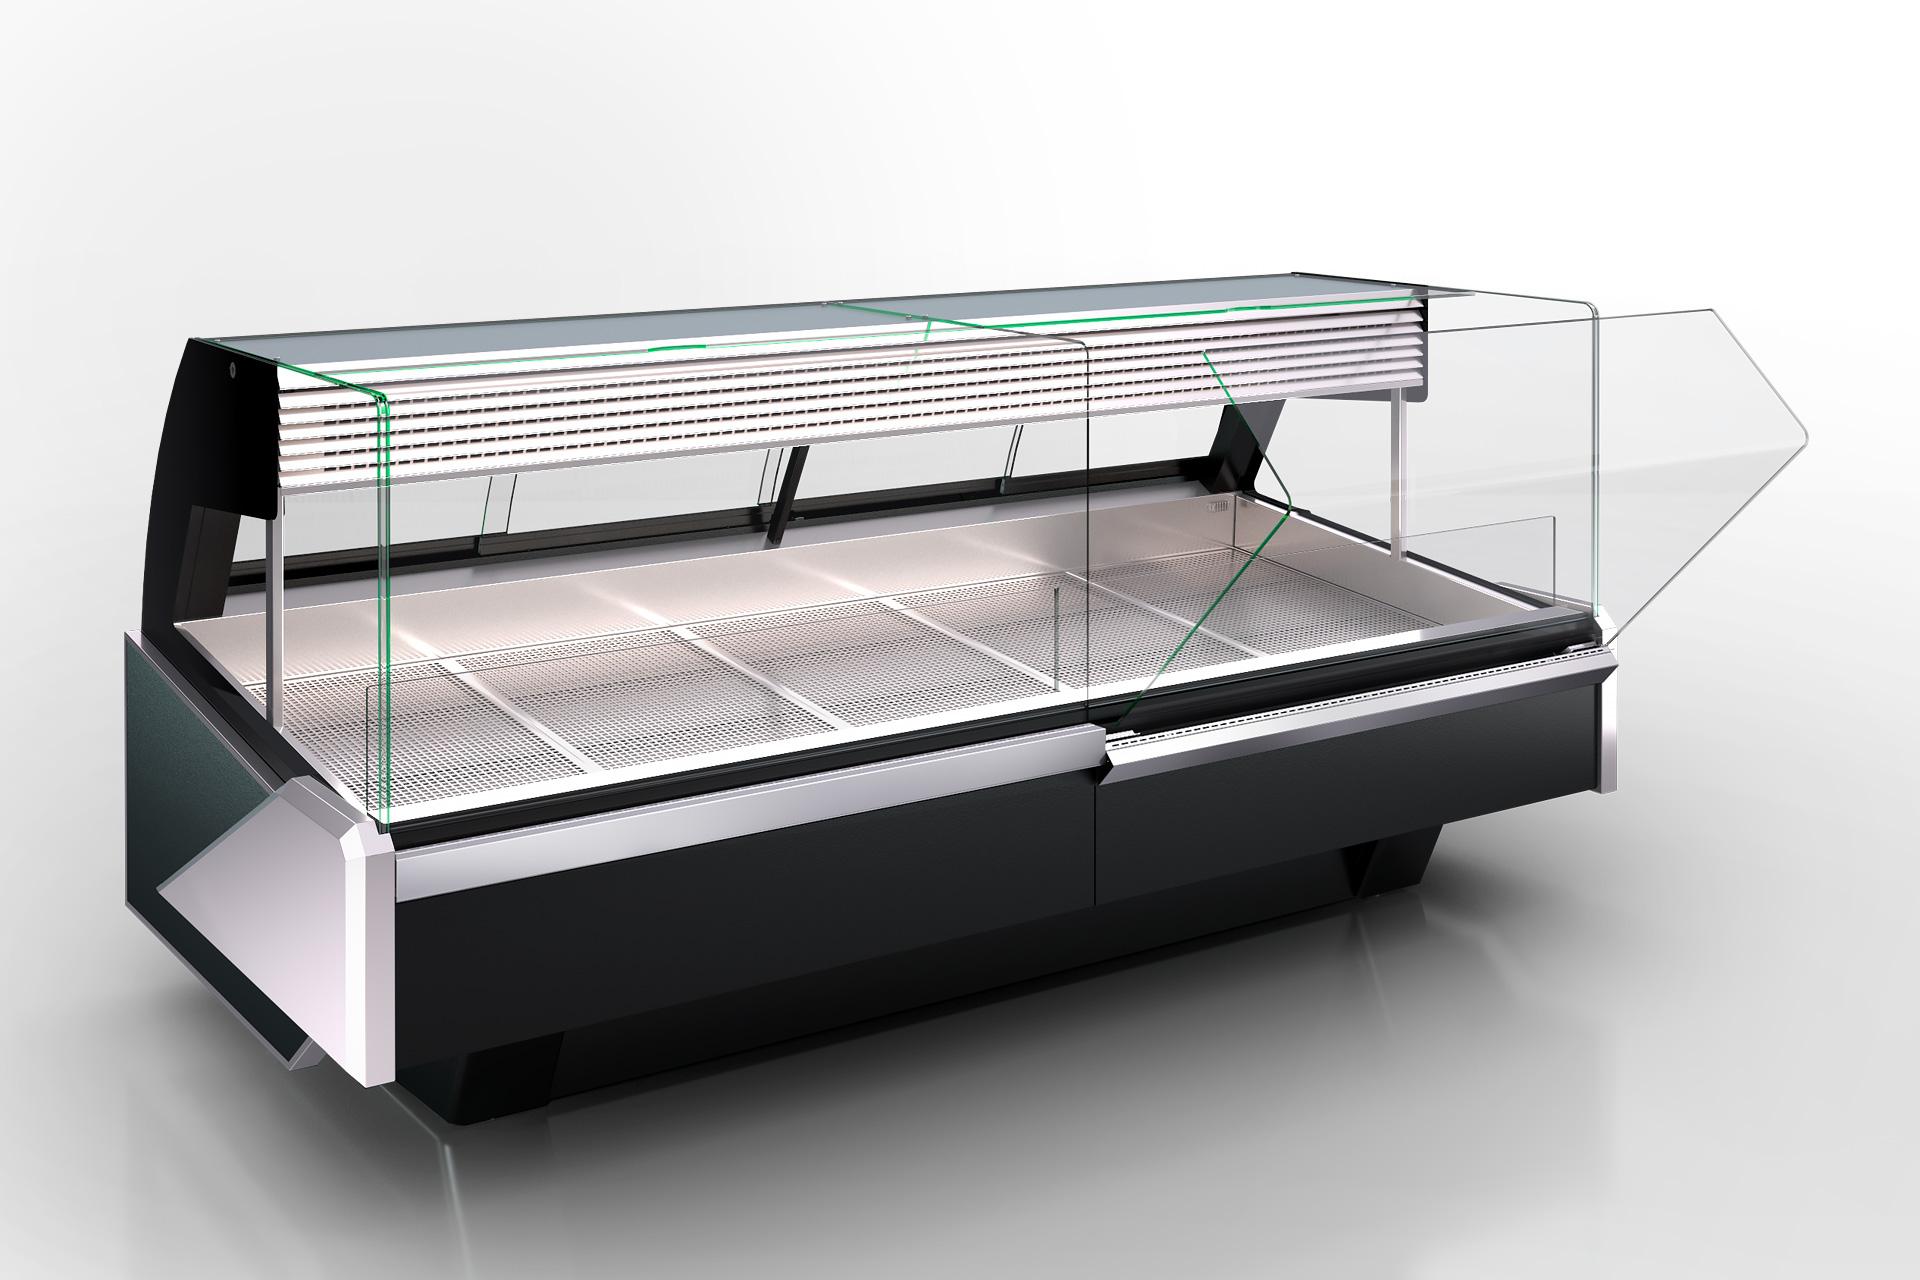 Холодильна вітрина Missouri enigma MC 122 meat OS 115-SPLM/SPLA